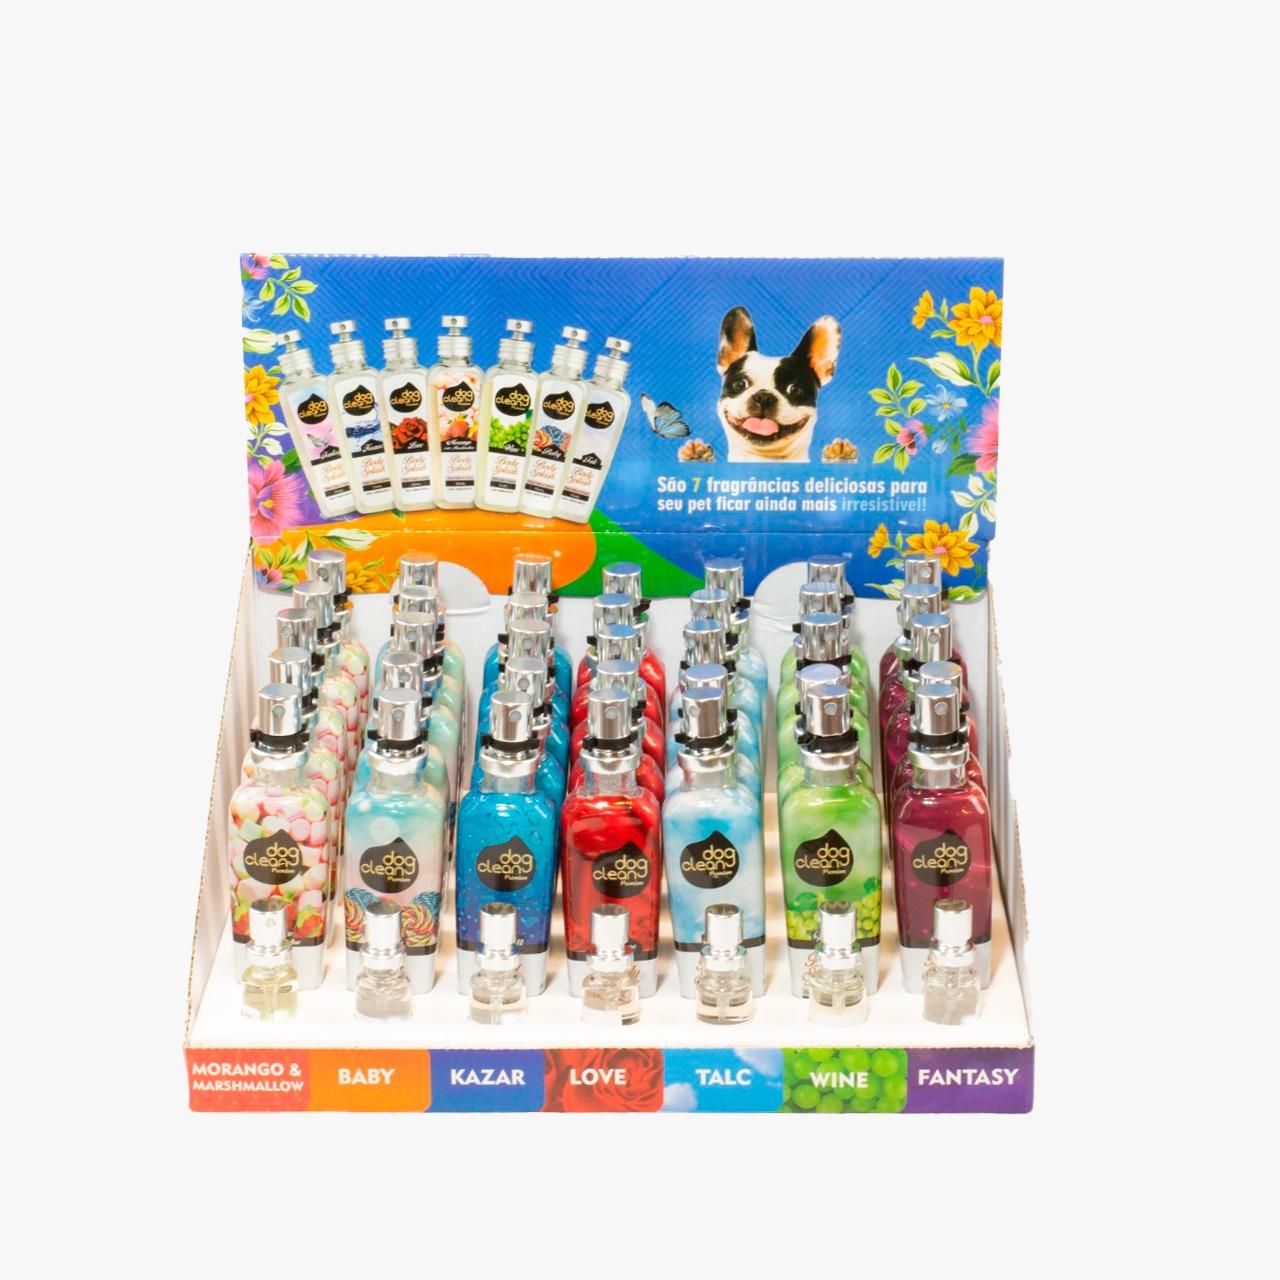 Display de Perfume Body Splash c/ 35 unidades de 55ml Dog Clean